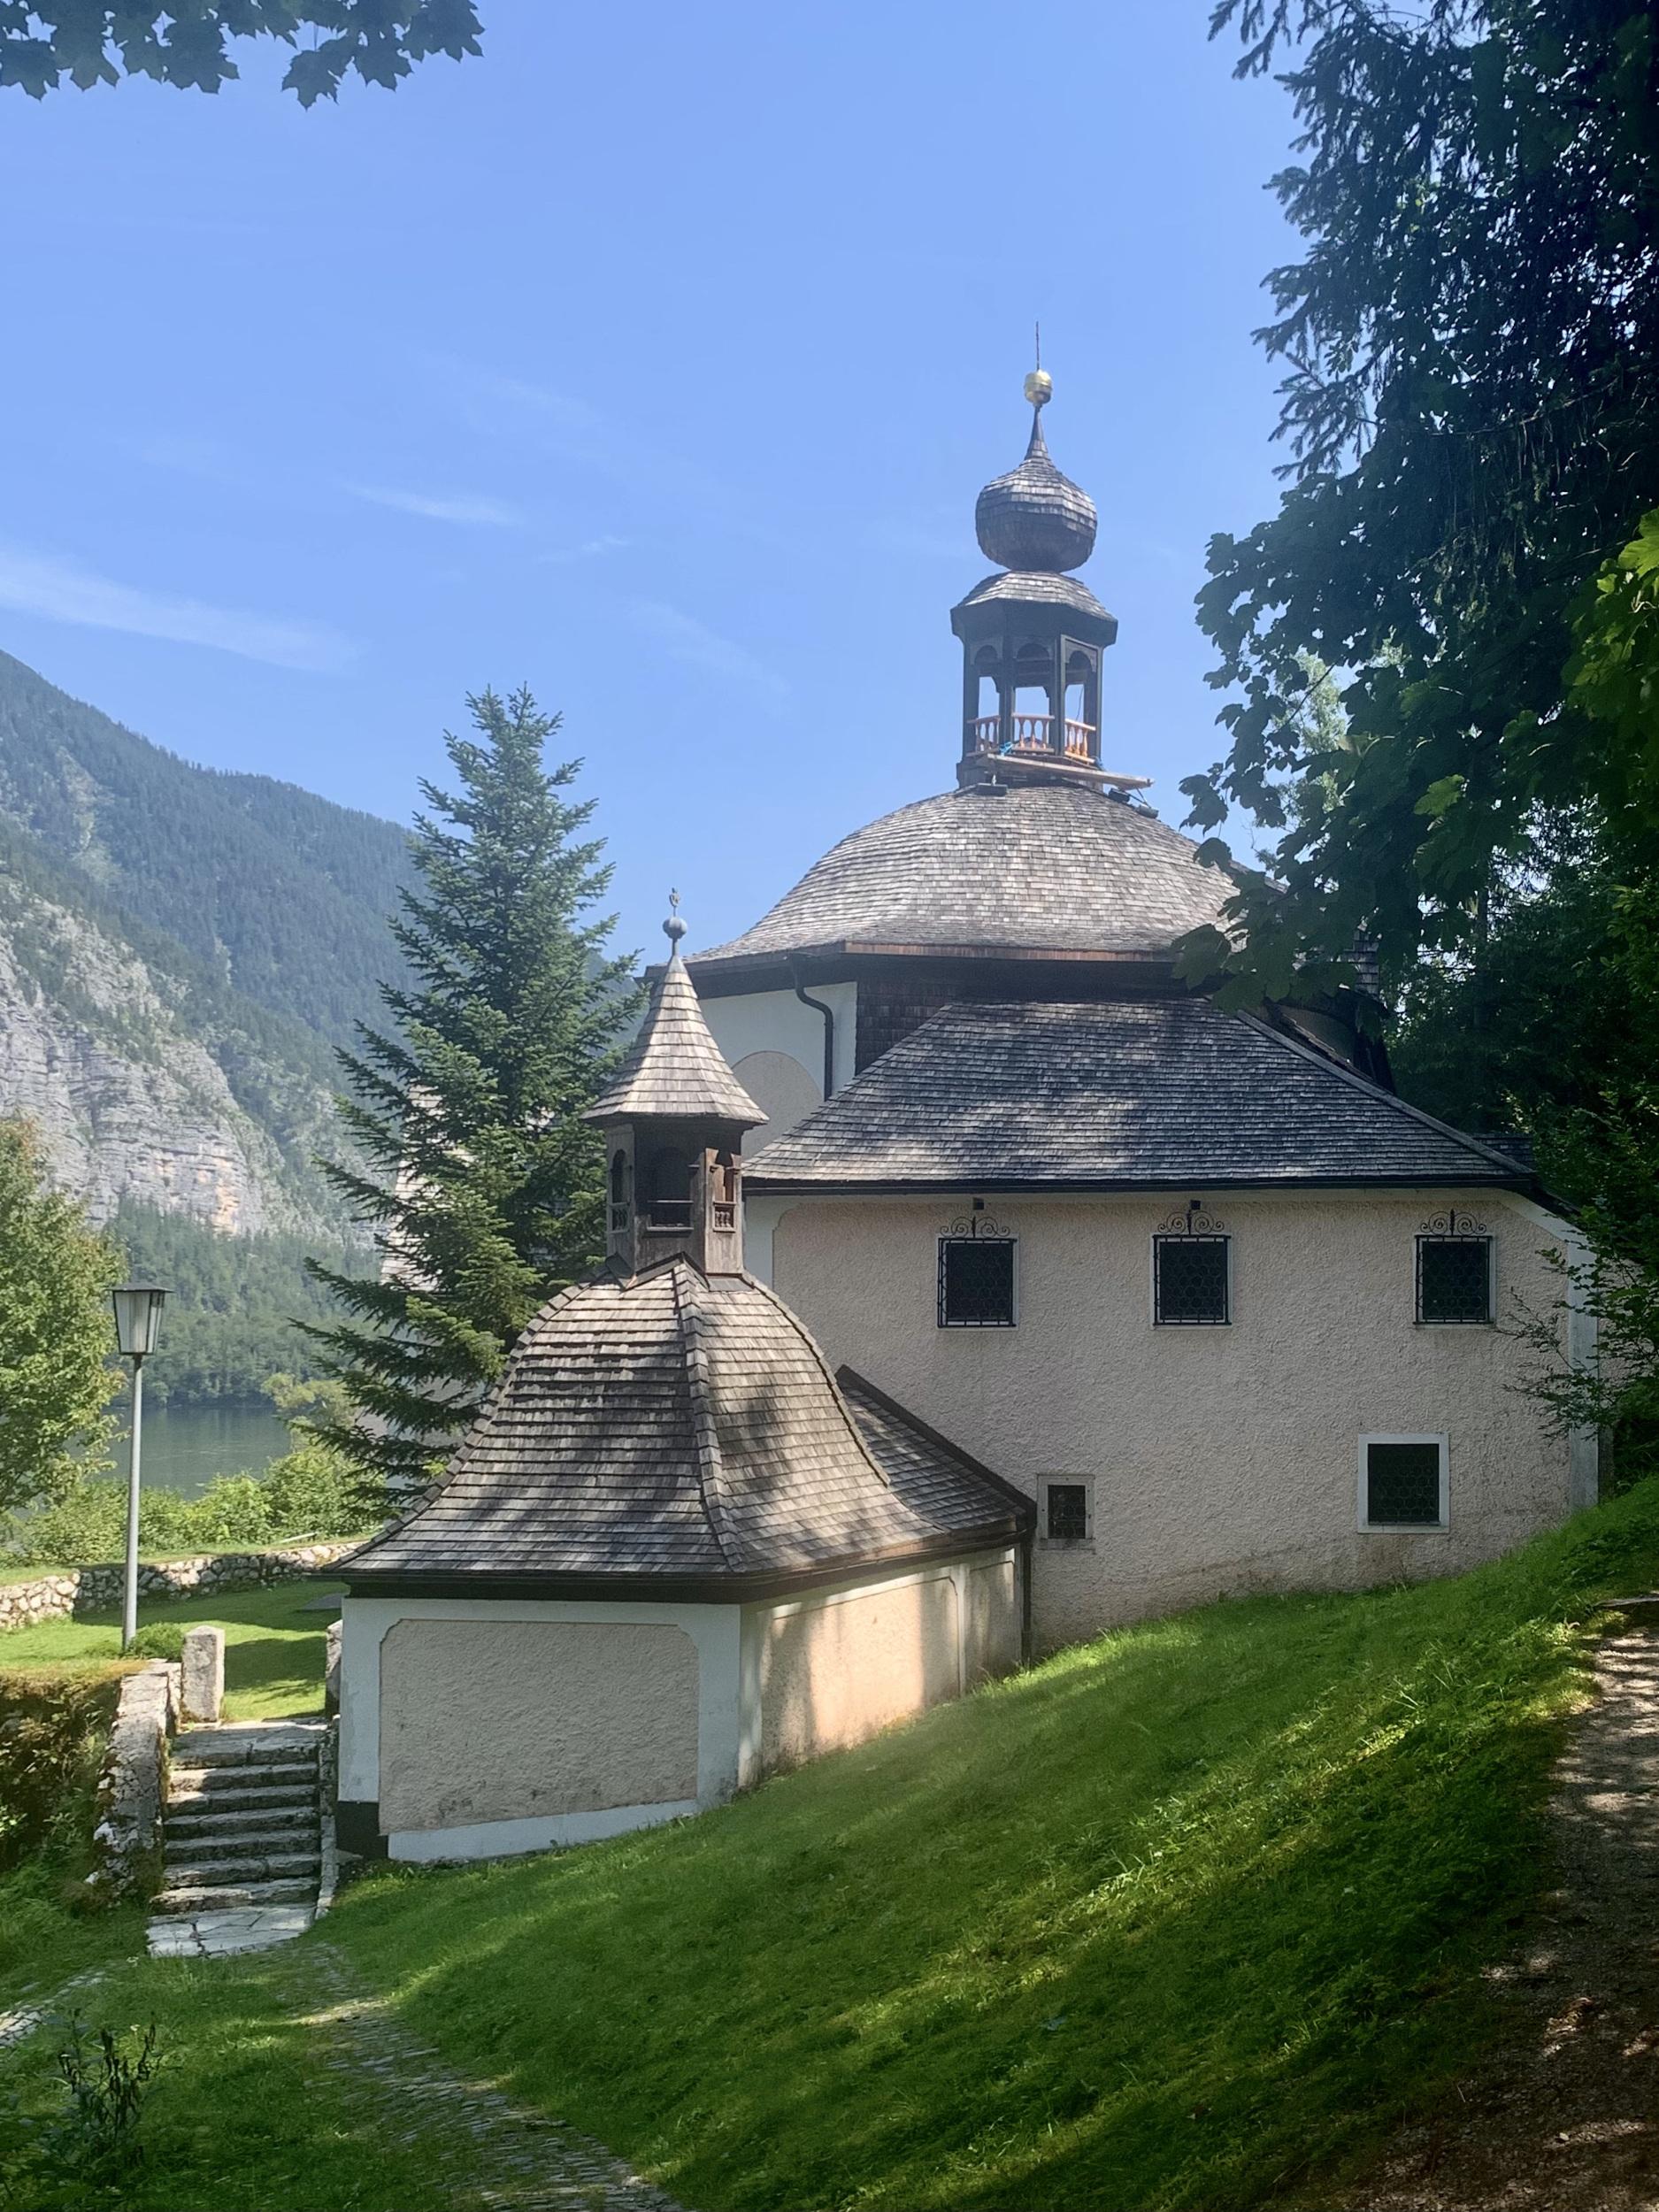 Kalvarienbergkirche in Hallstatt